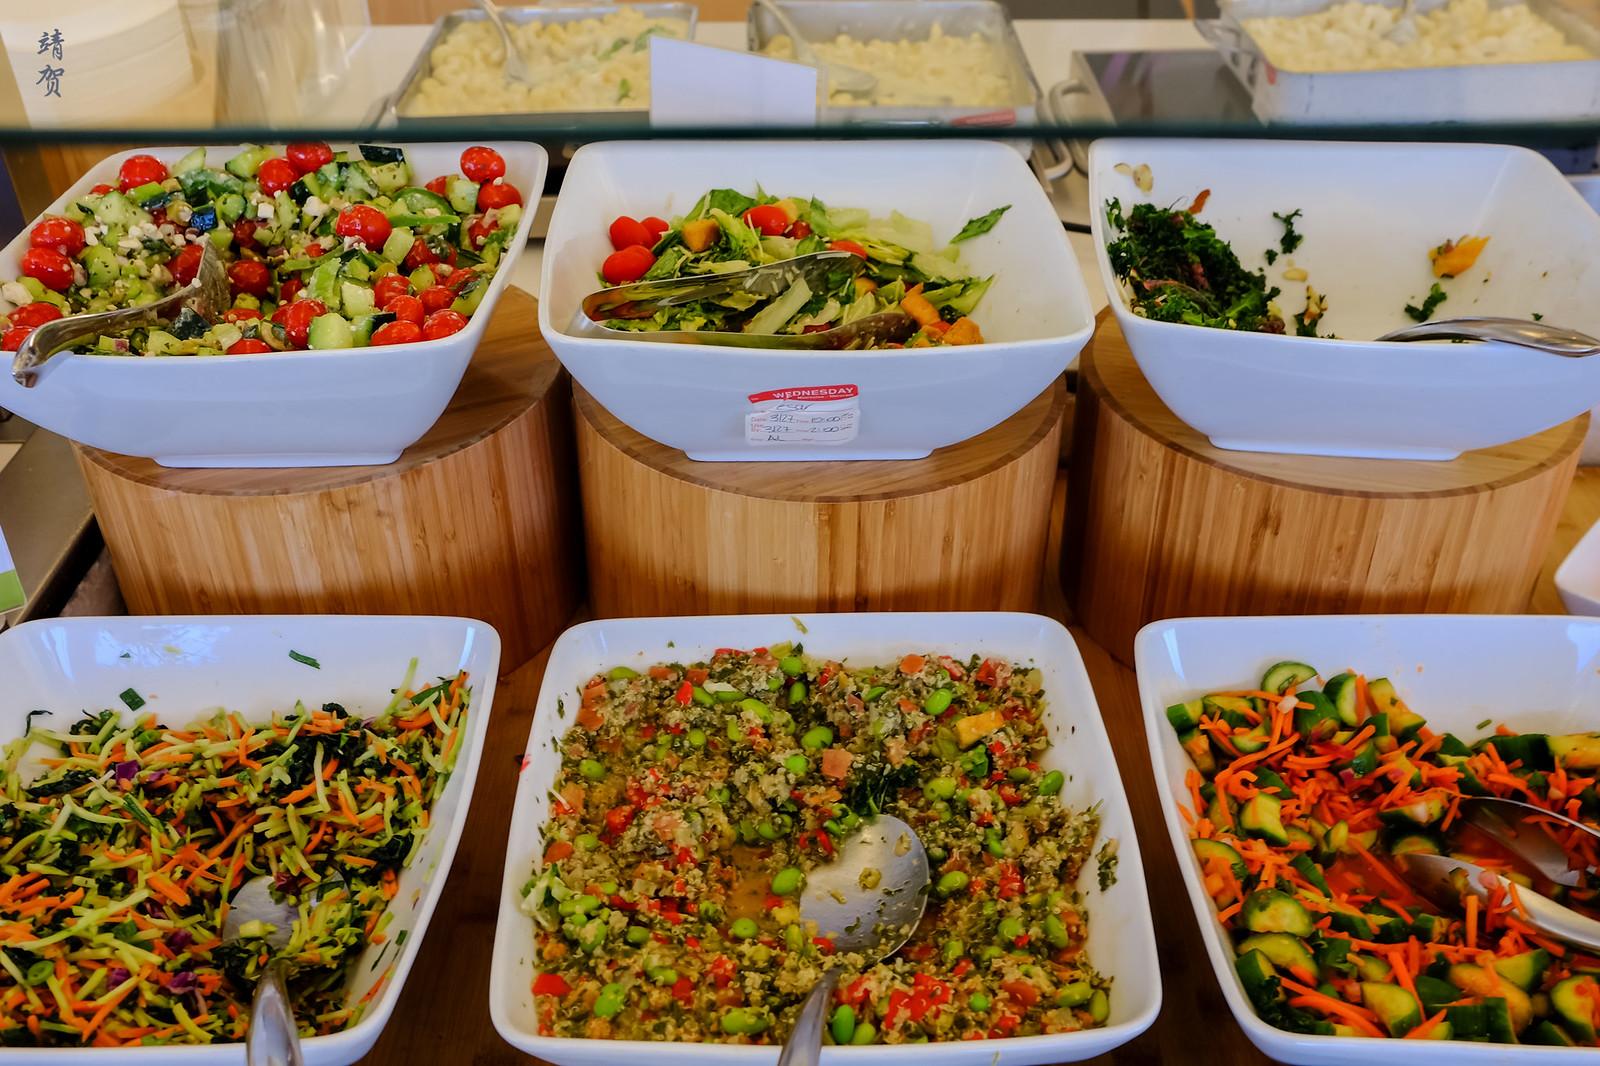 Pre-mixed salad